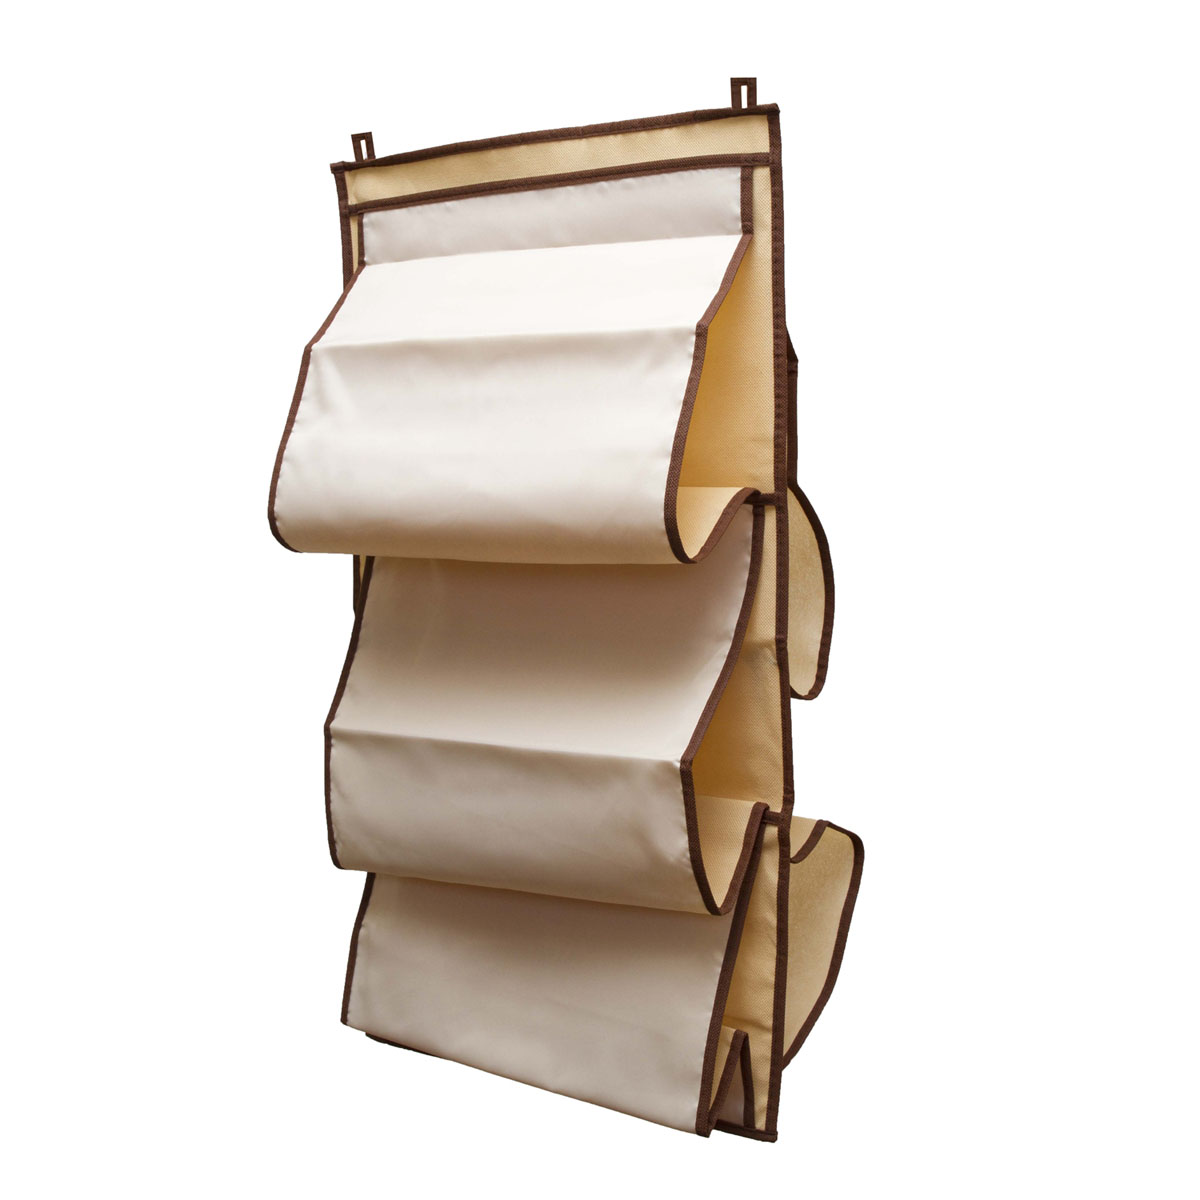 Органайзер для сумок Homsu Bora-Bora, 5 отделений, 40 х 70 см украшение декоративное homsu голова оленя 29 5 x 46 x 42 5 см